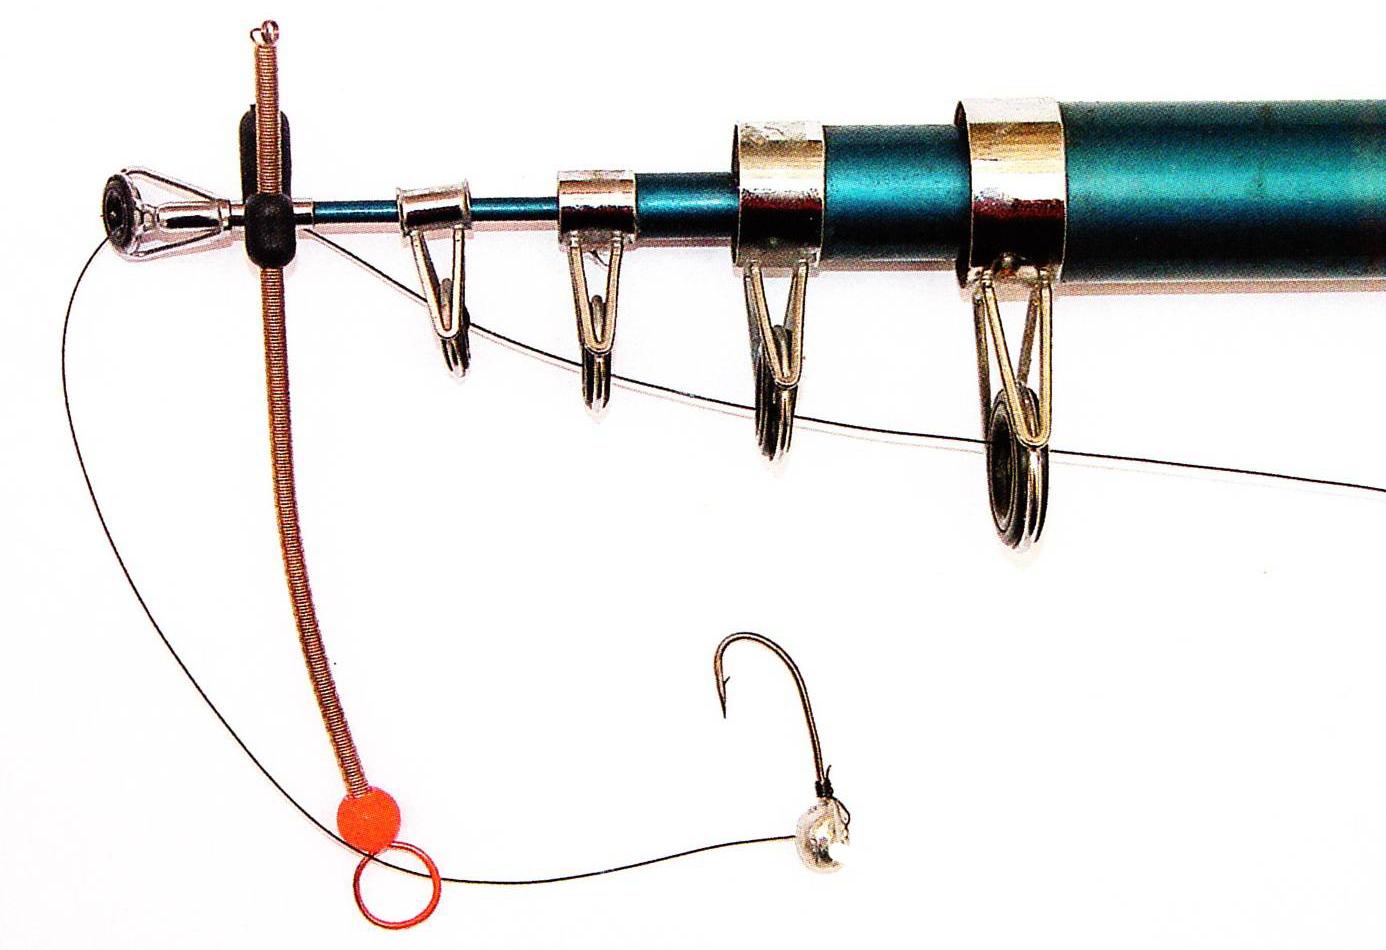 Мормышки для летней рыбалки на боковой кивок